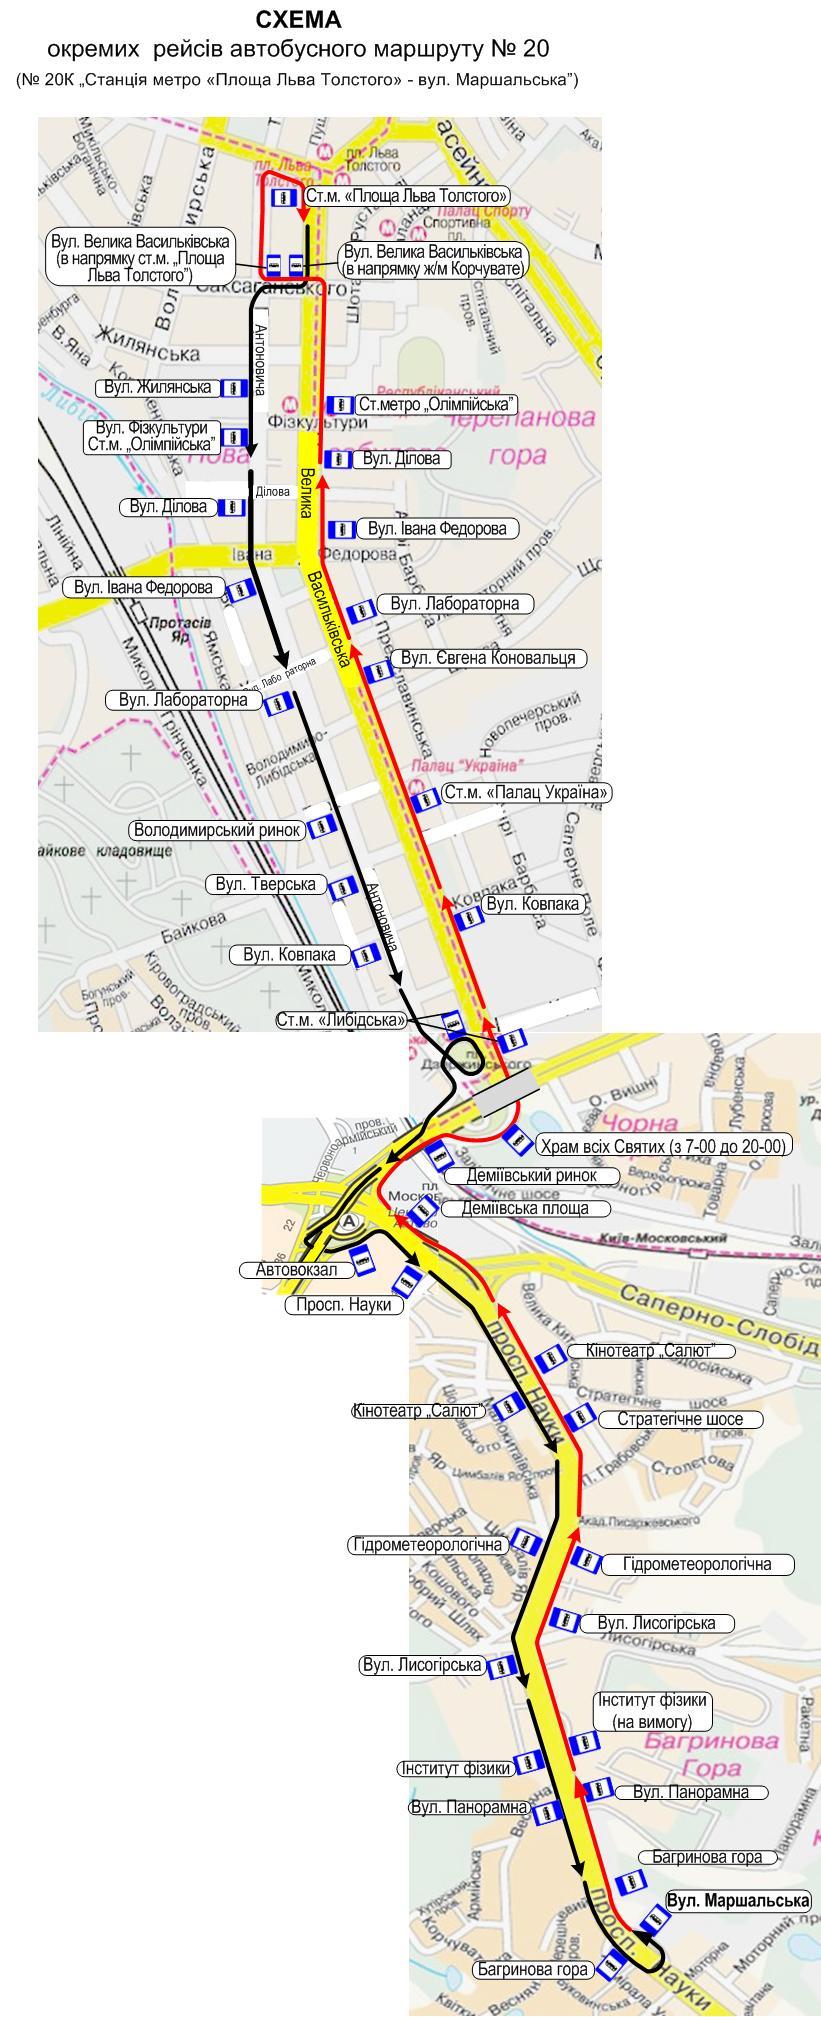 Схема автобусов №20к, которые поедут по сокращенному маршруту